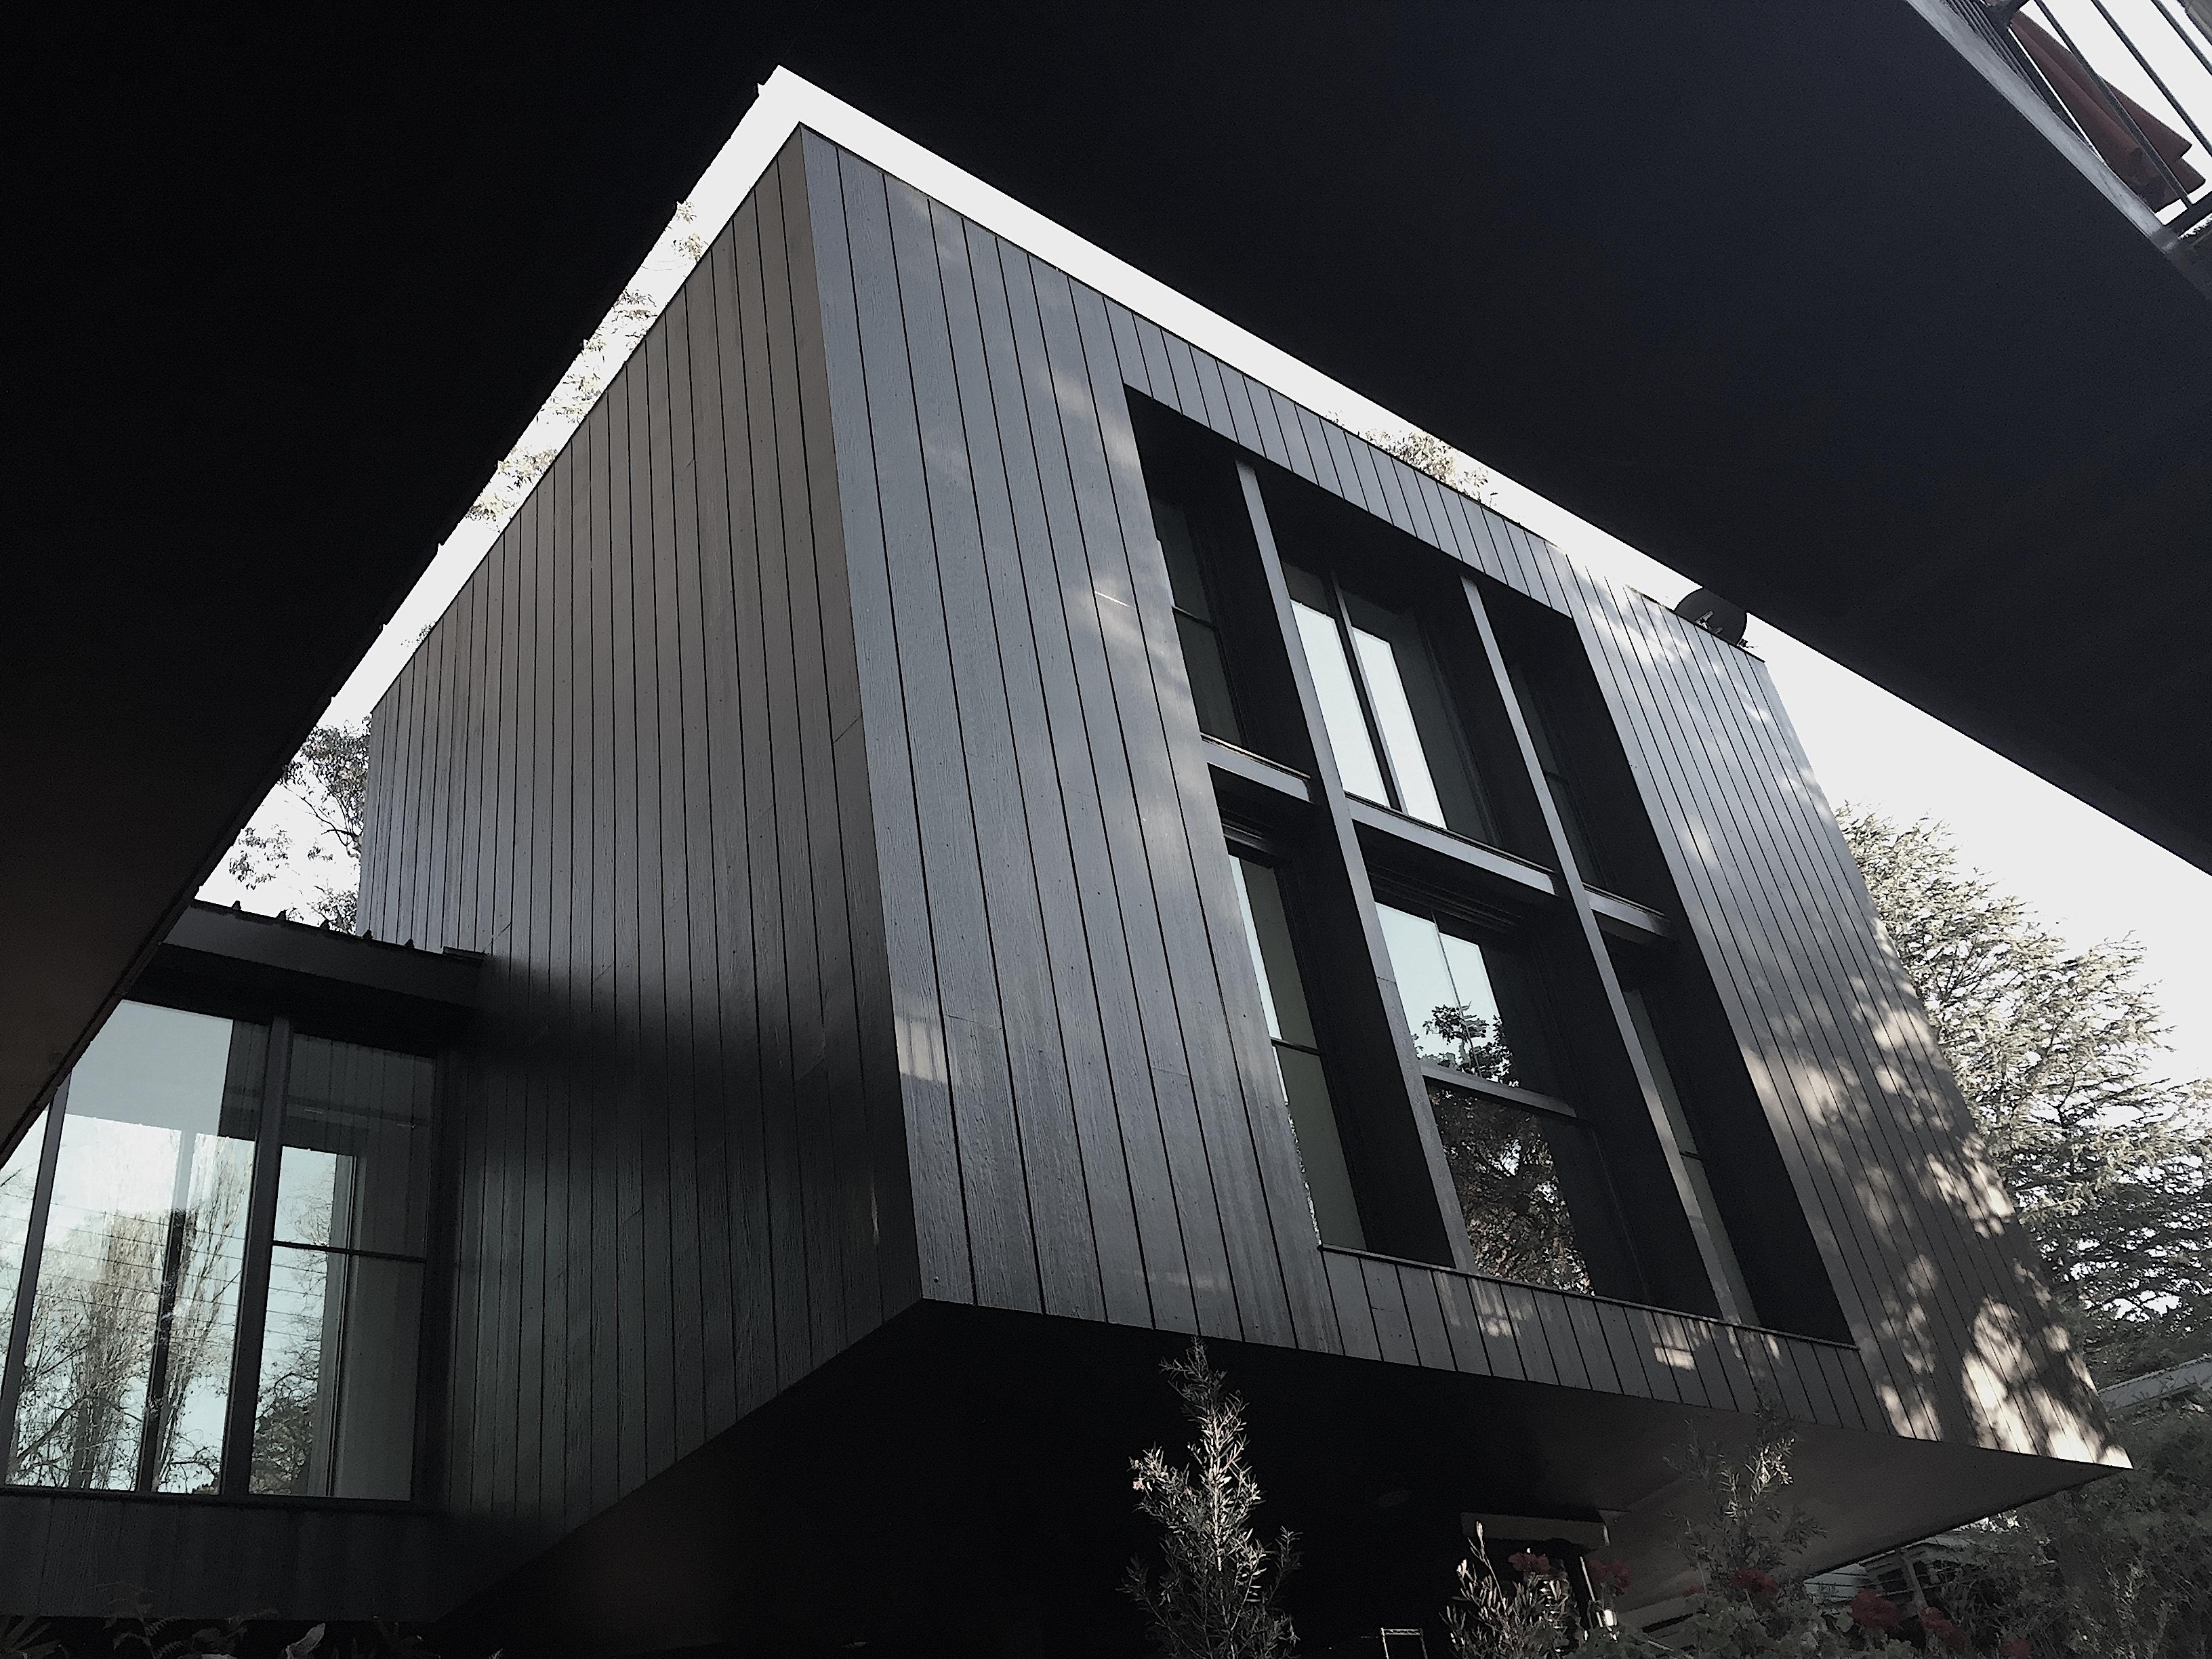 m_lukic_architect_kamimura_project 07